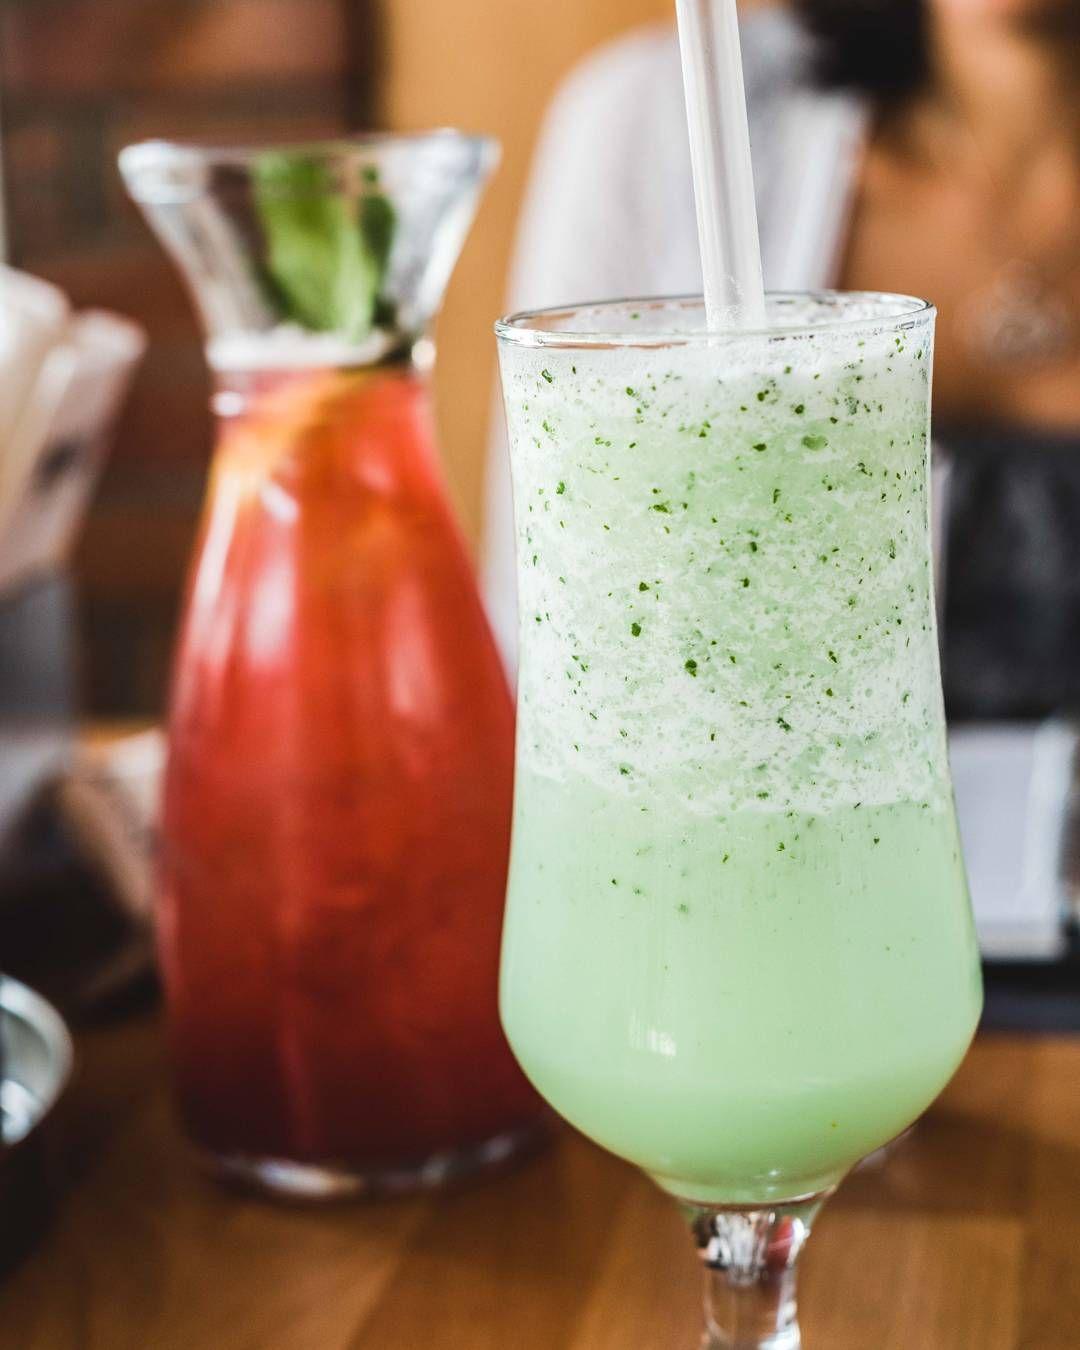 #drinks at @minceburgerseg  #nikon #nikkor #d750 #50mm #food #photography #foodstagram #beverages  www.ahmadkawi.com